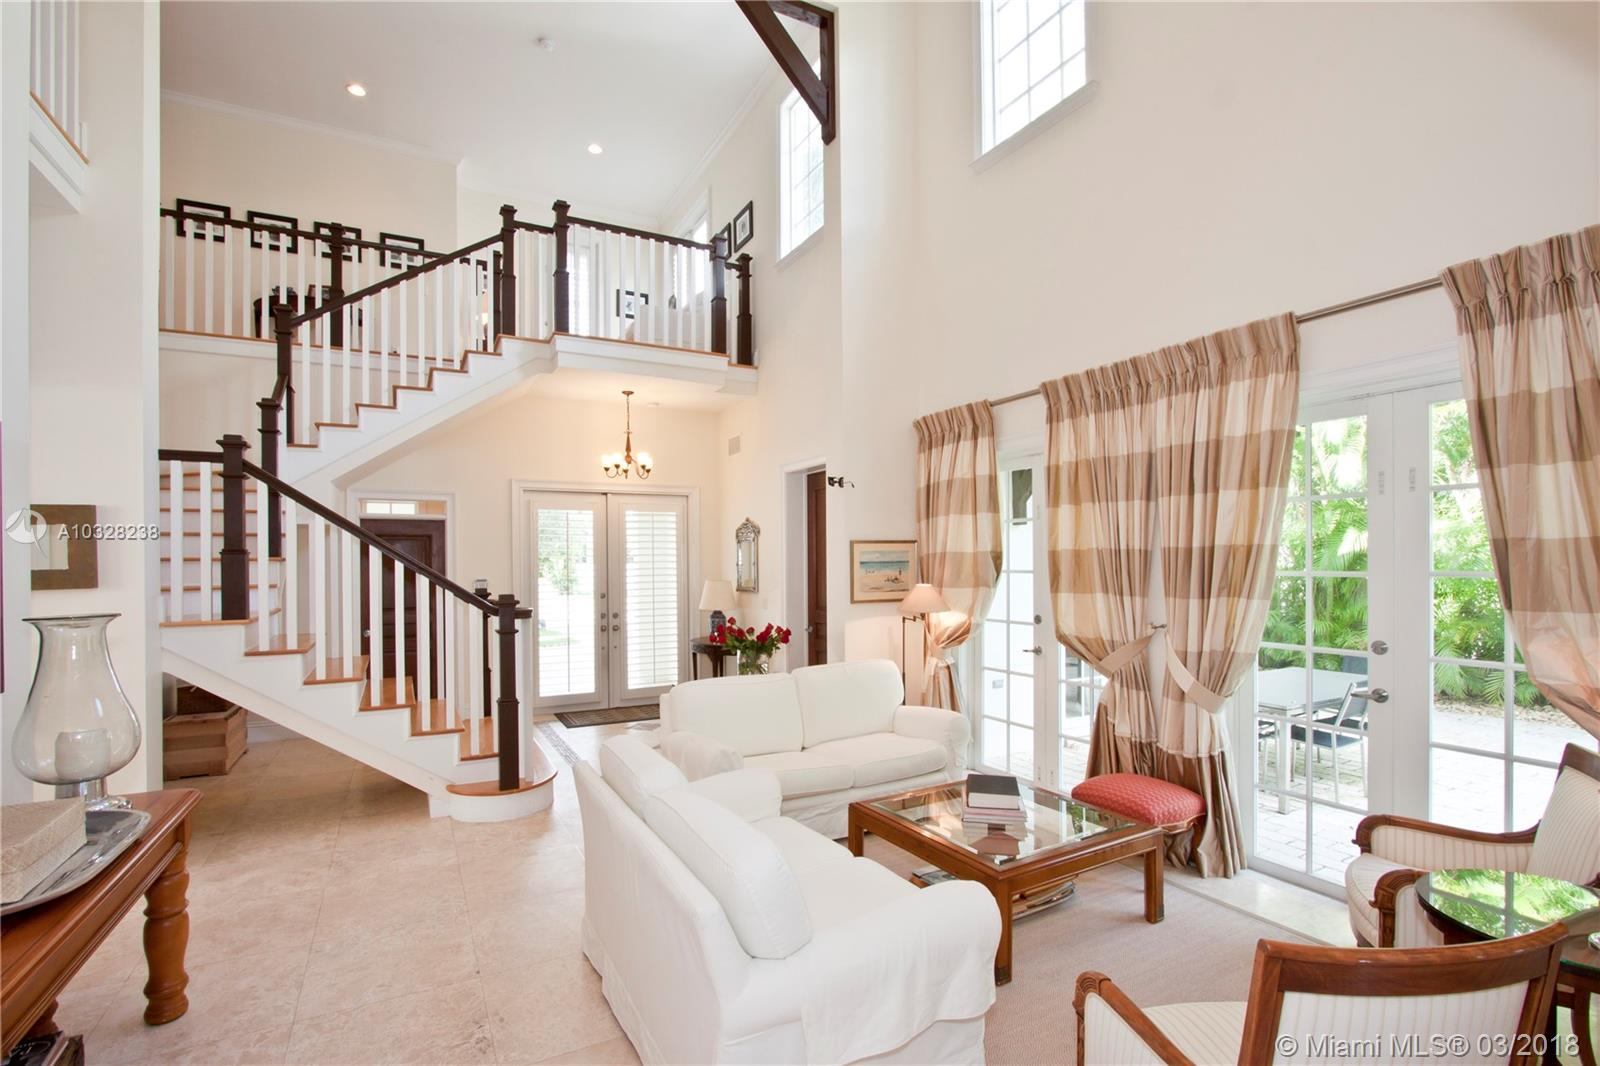 Florida woningen 5022 usa huizen te koop villa huizen for Huis te koop in amerika